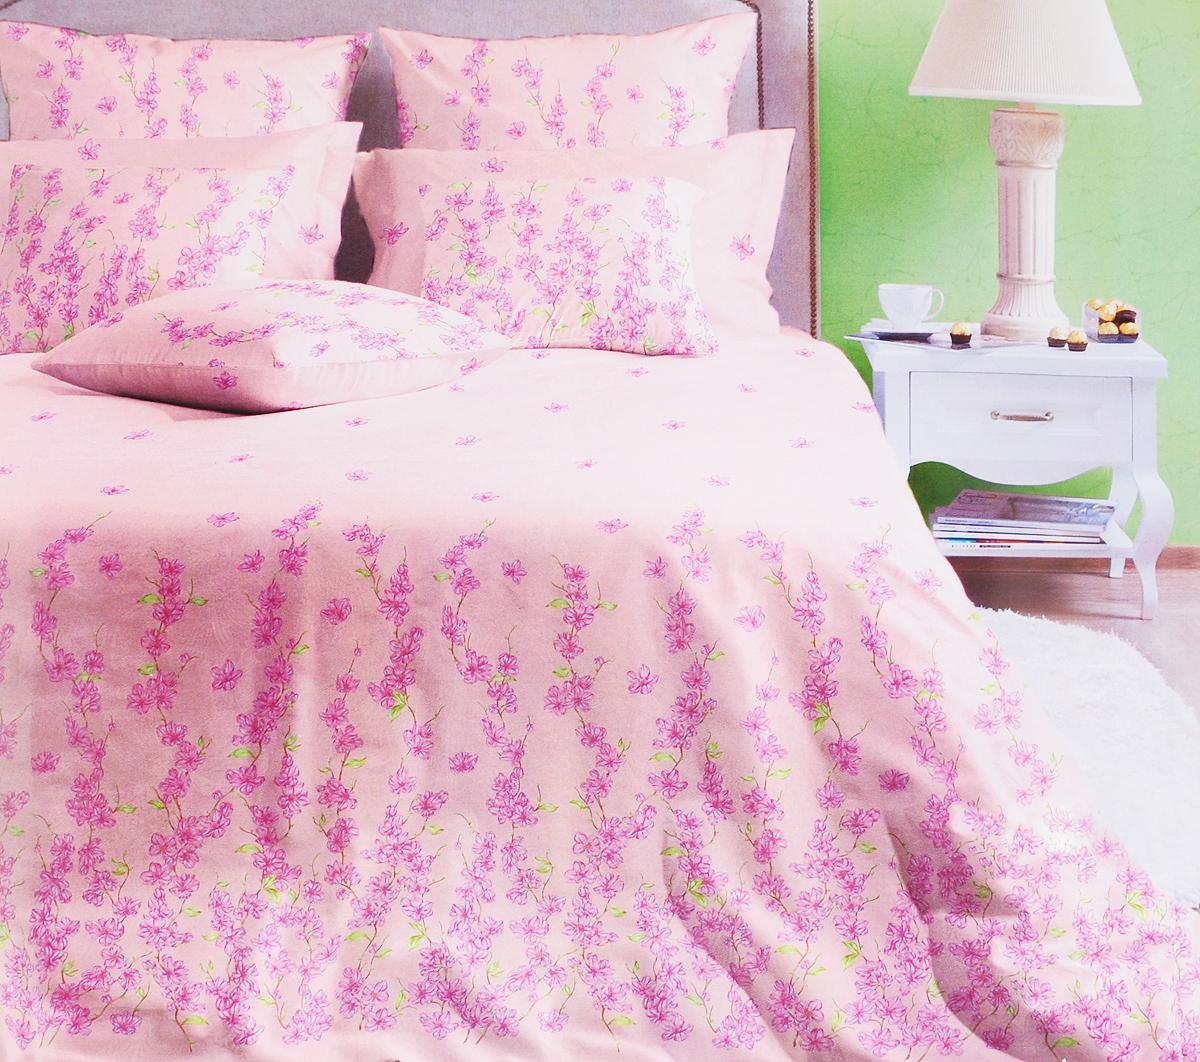 Комплект постельного белья Хлопковый Край Шарлиз роза, евро, наволочки 70х70. 40б-1ХКсс полуторный комплект белья хлопковый край винтаж 1 поплин 1 5